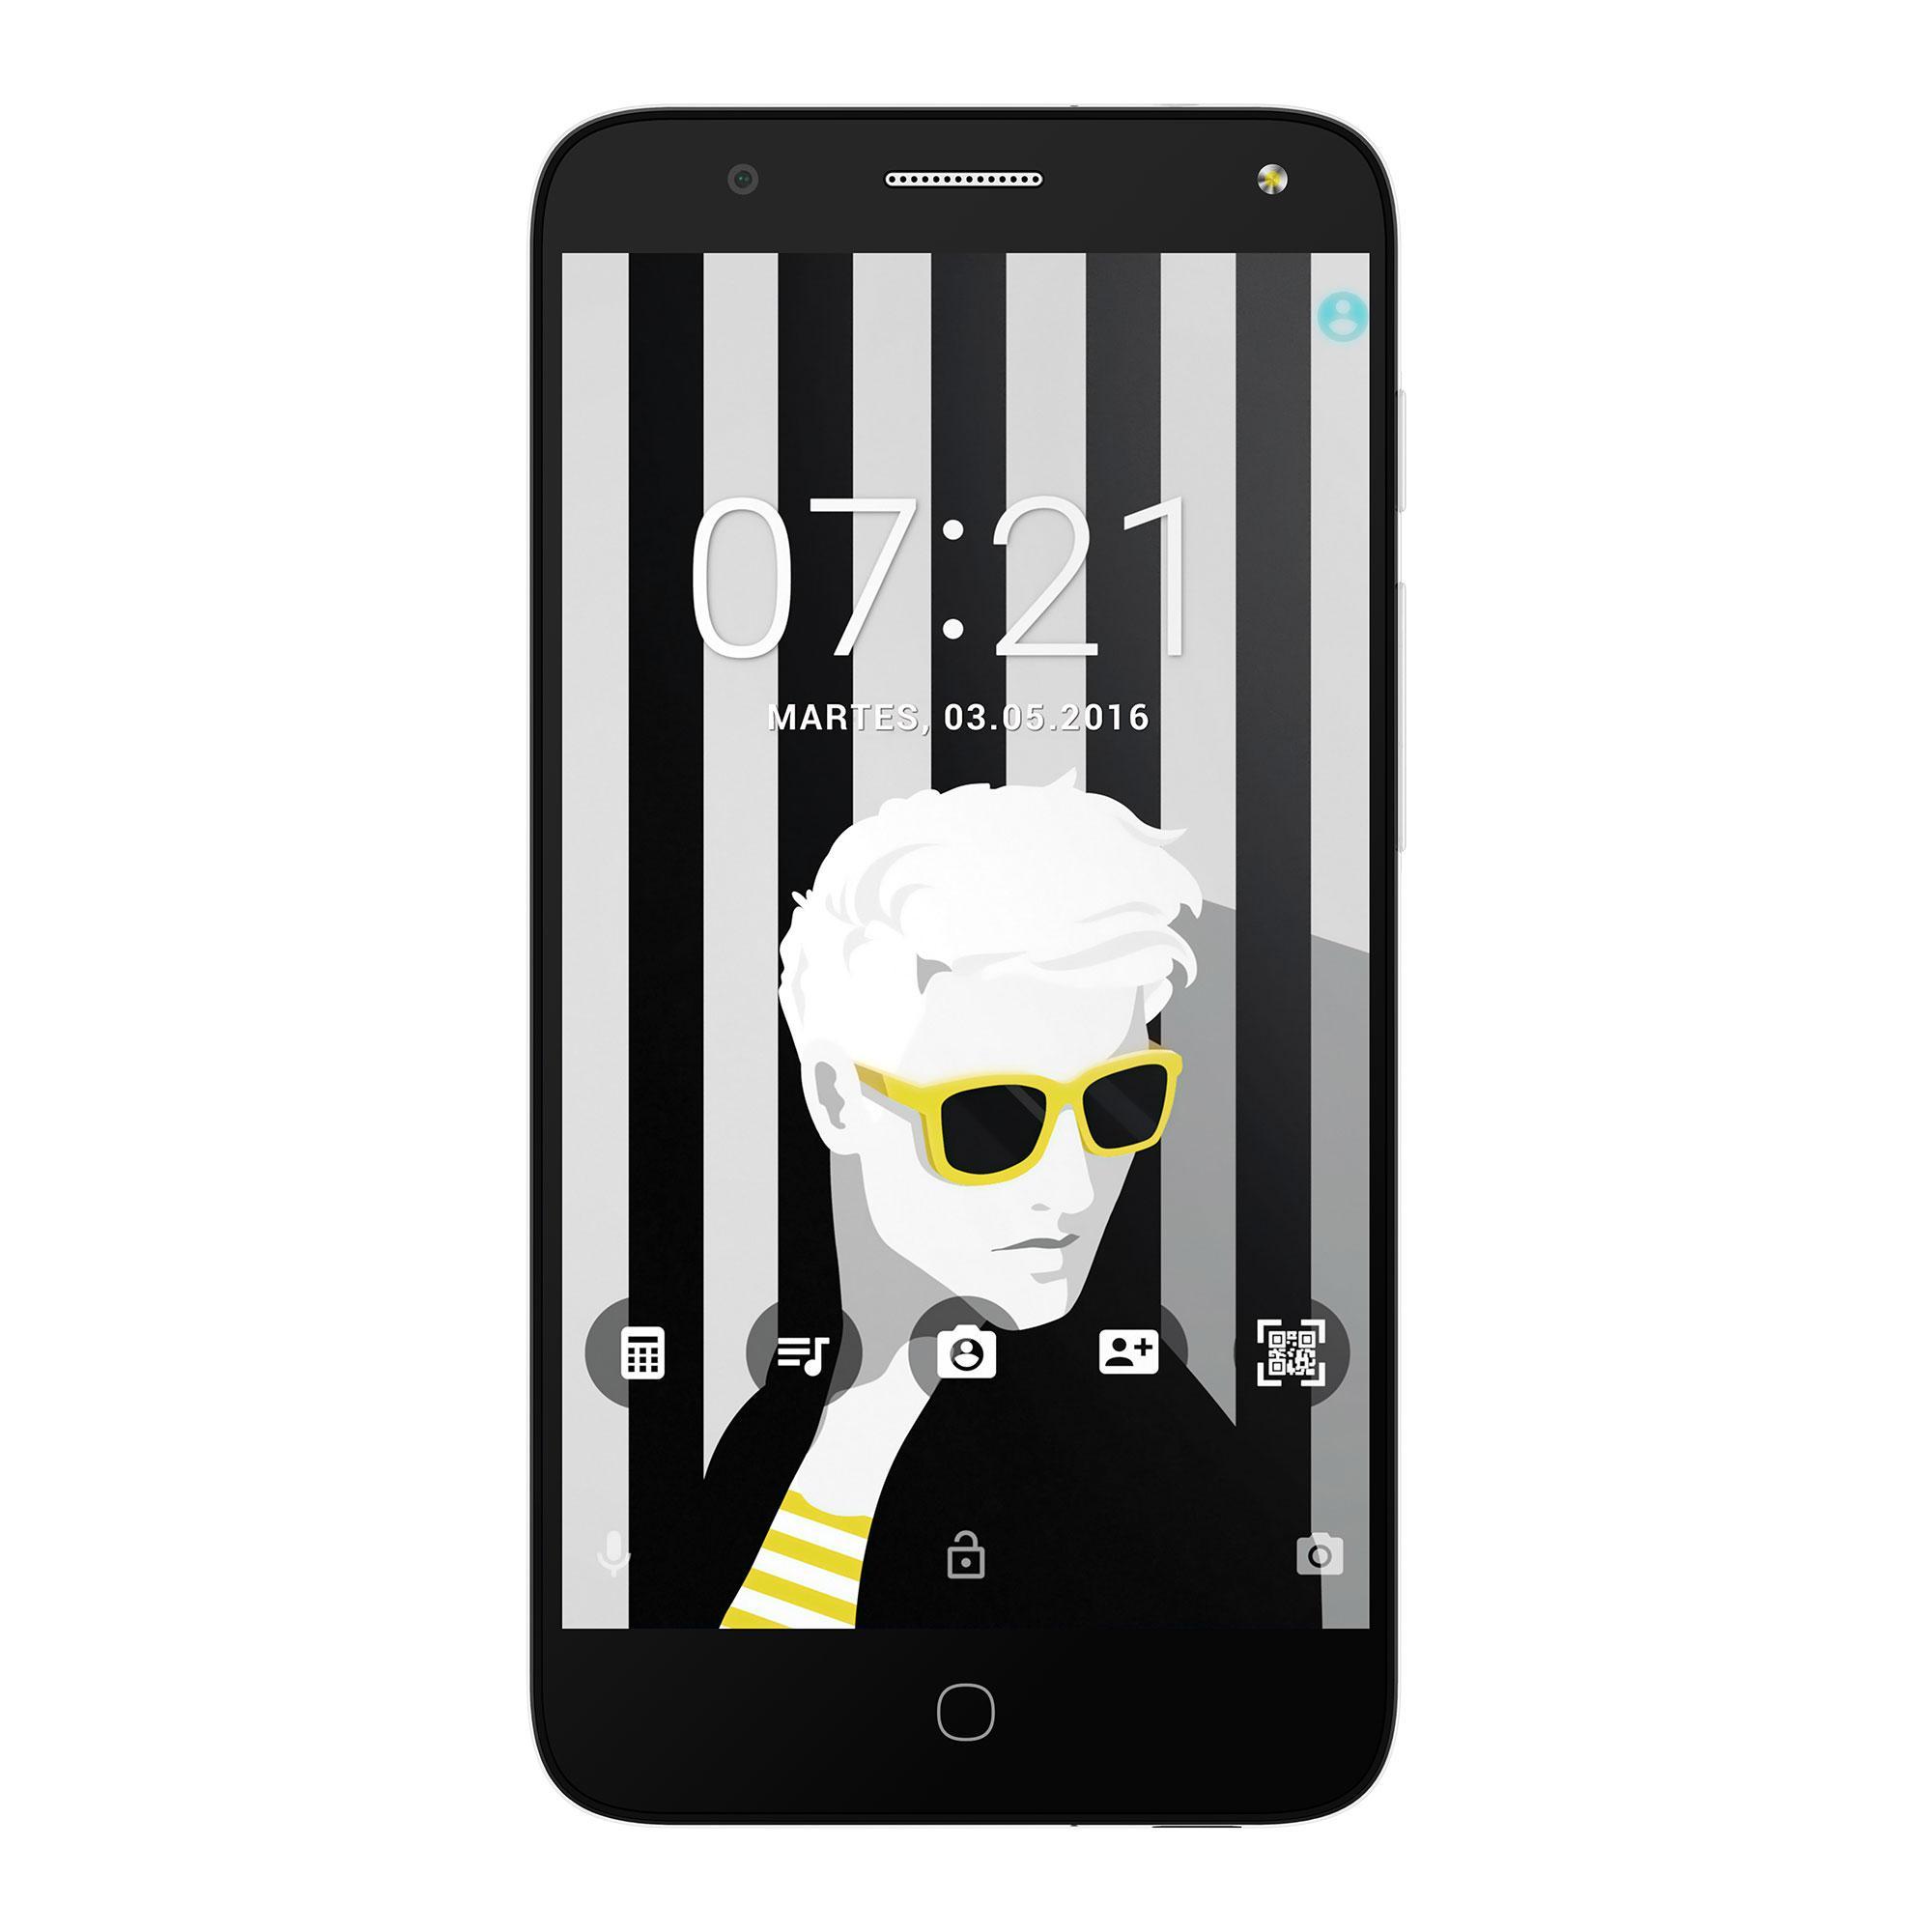 Alcatel POP 4 frontal con pantalla con chica de gafas negras